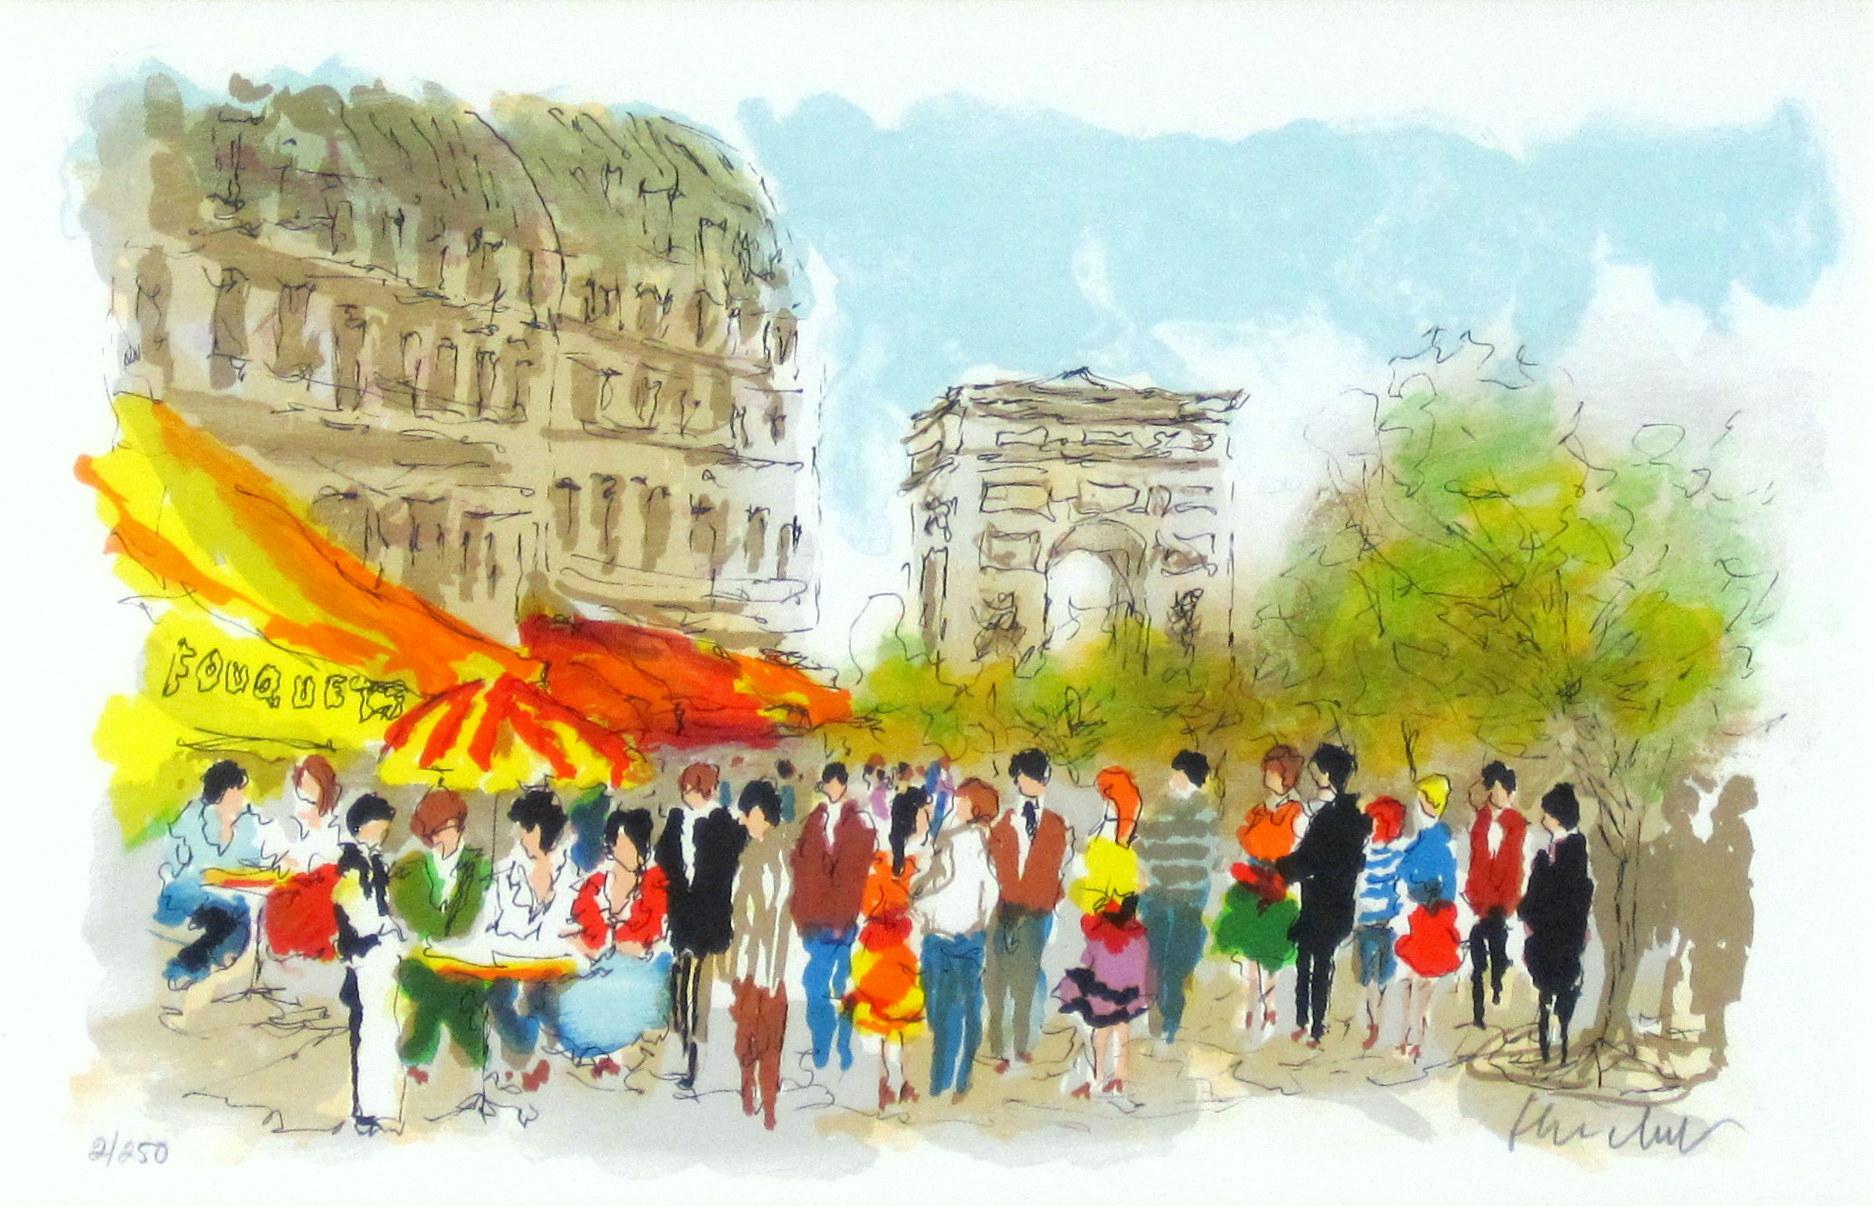 ヨーロッパ風景画・ ウシェ「凱旋門」リトグラフ・外寸465×605mm